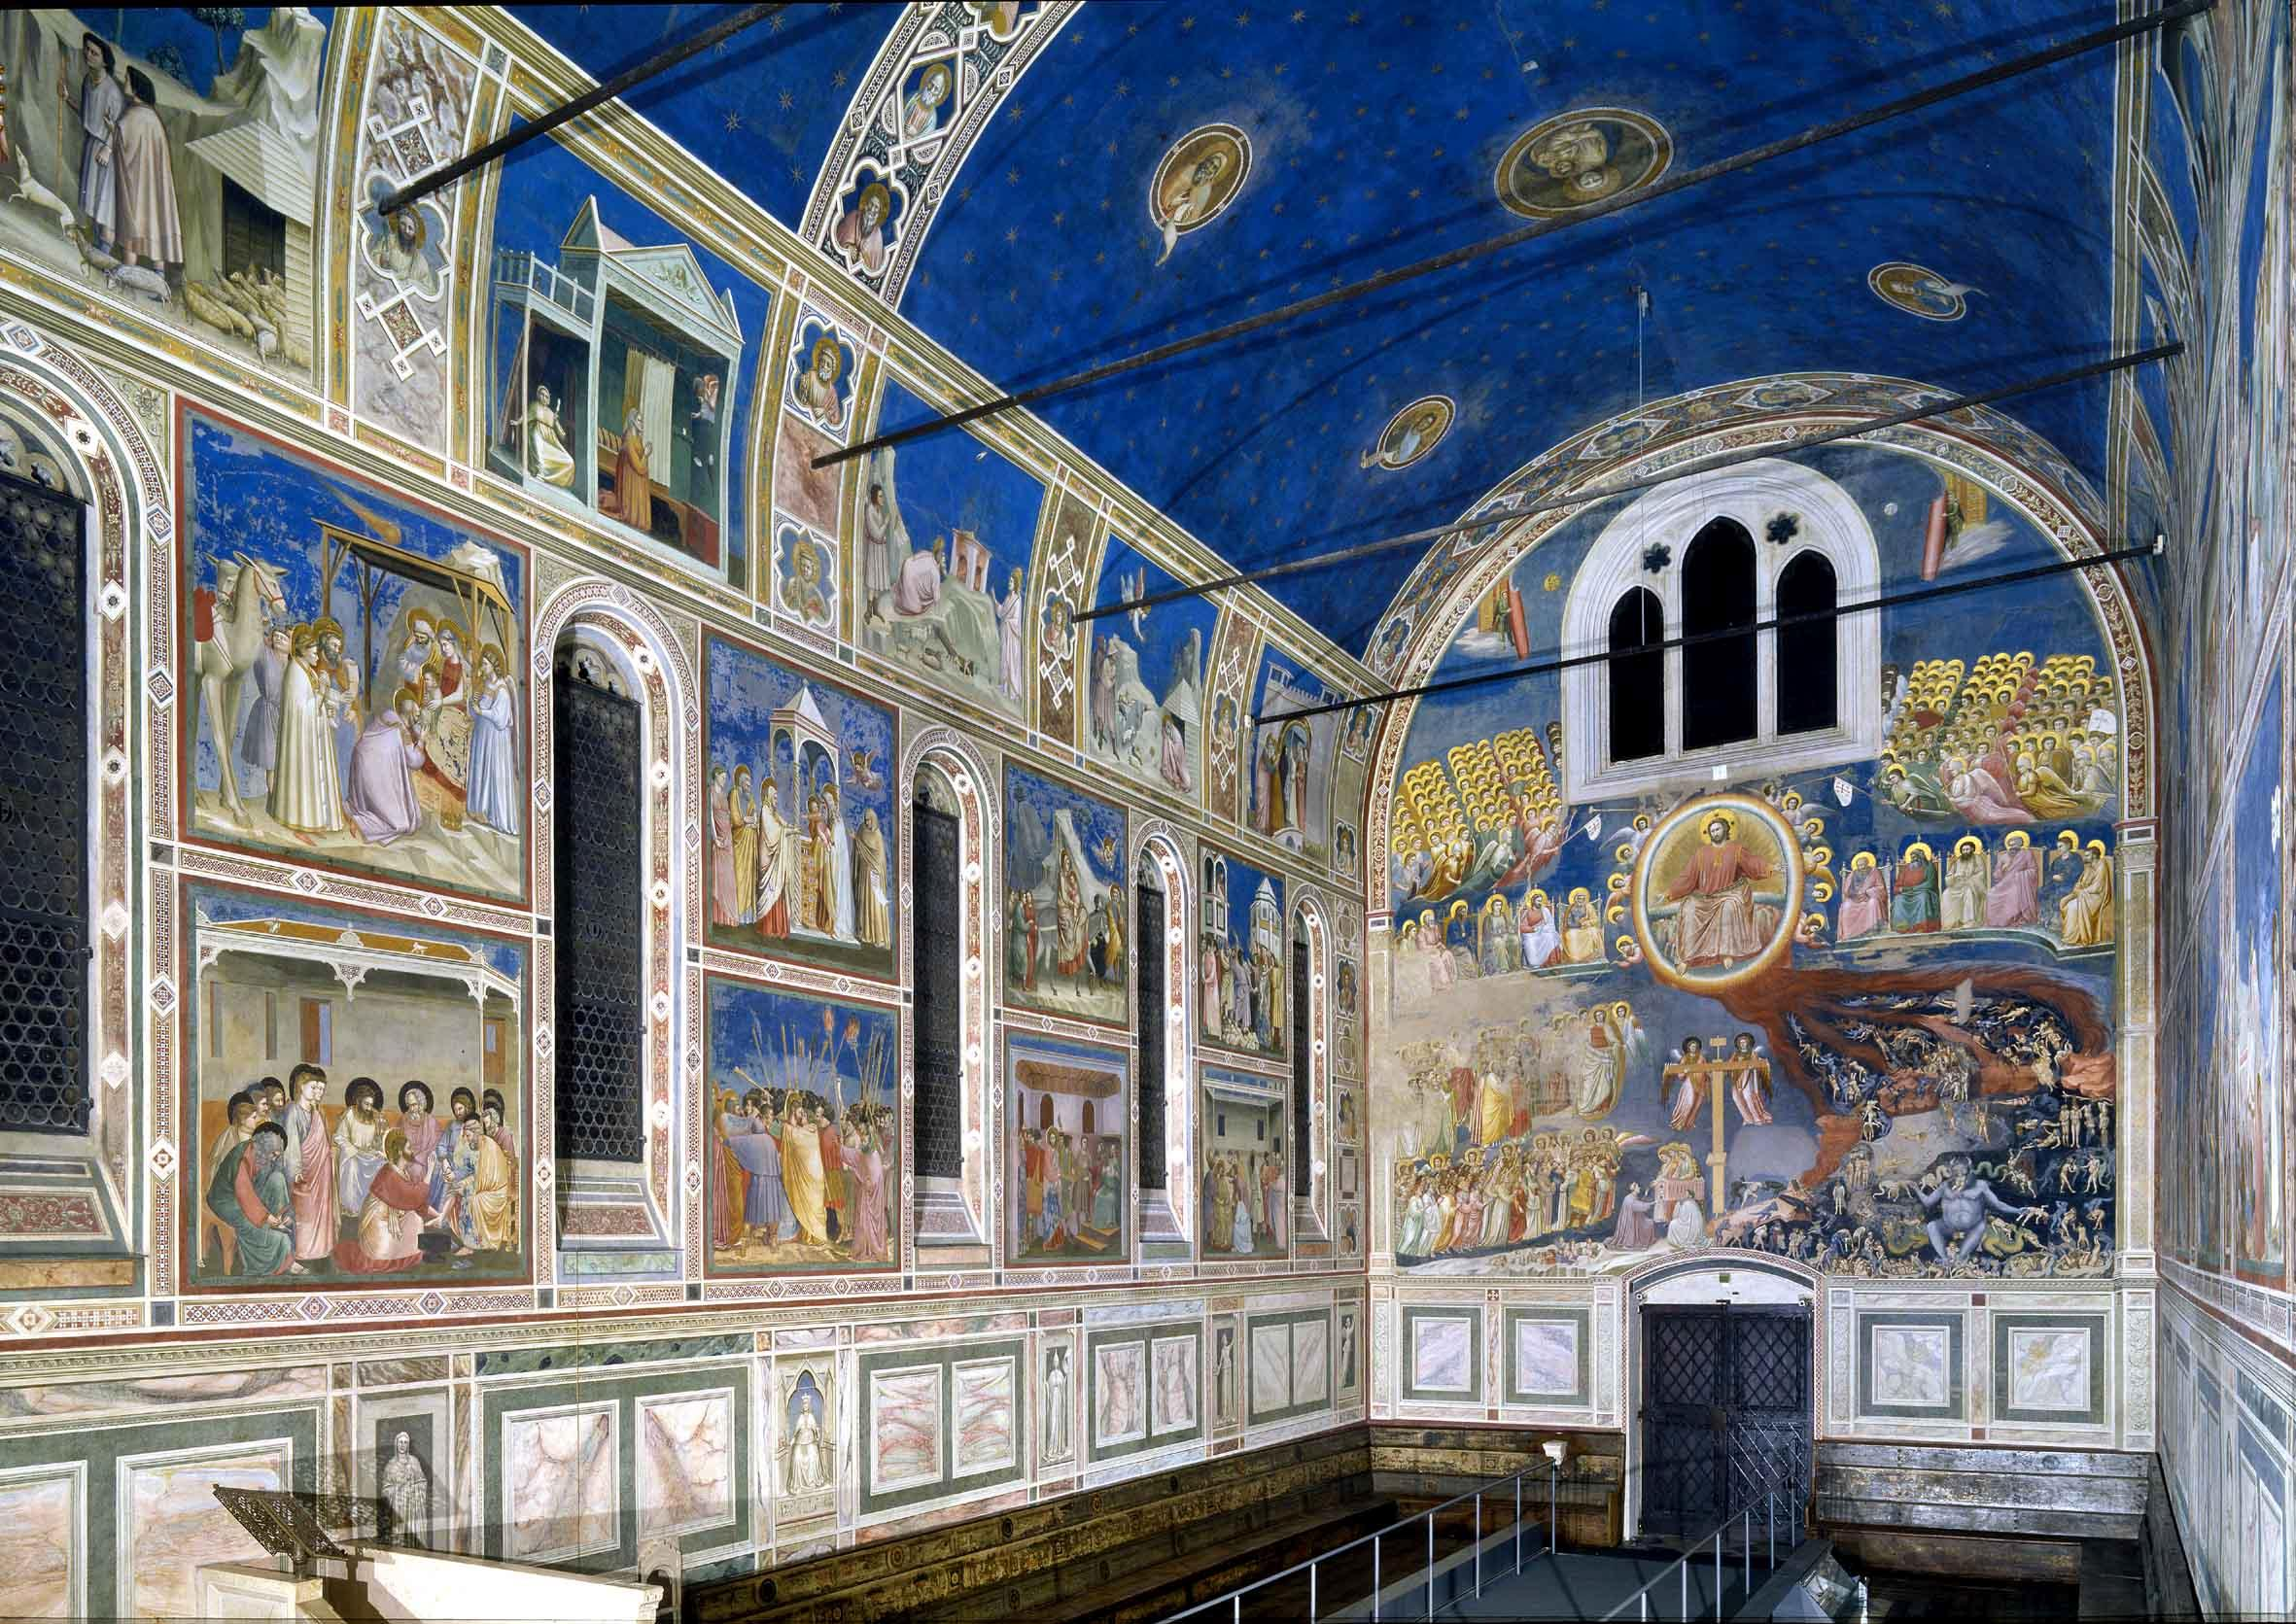 interno_cappella1330811890943